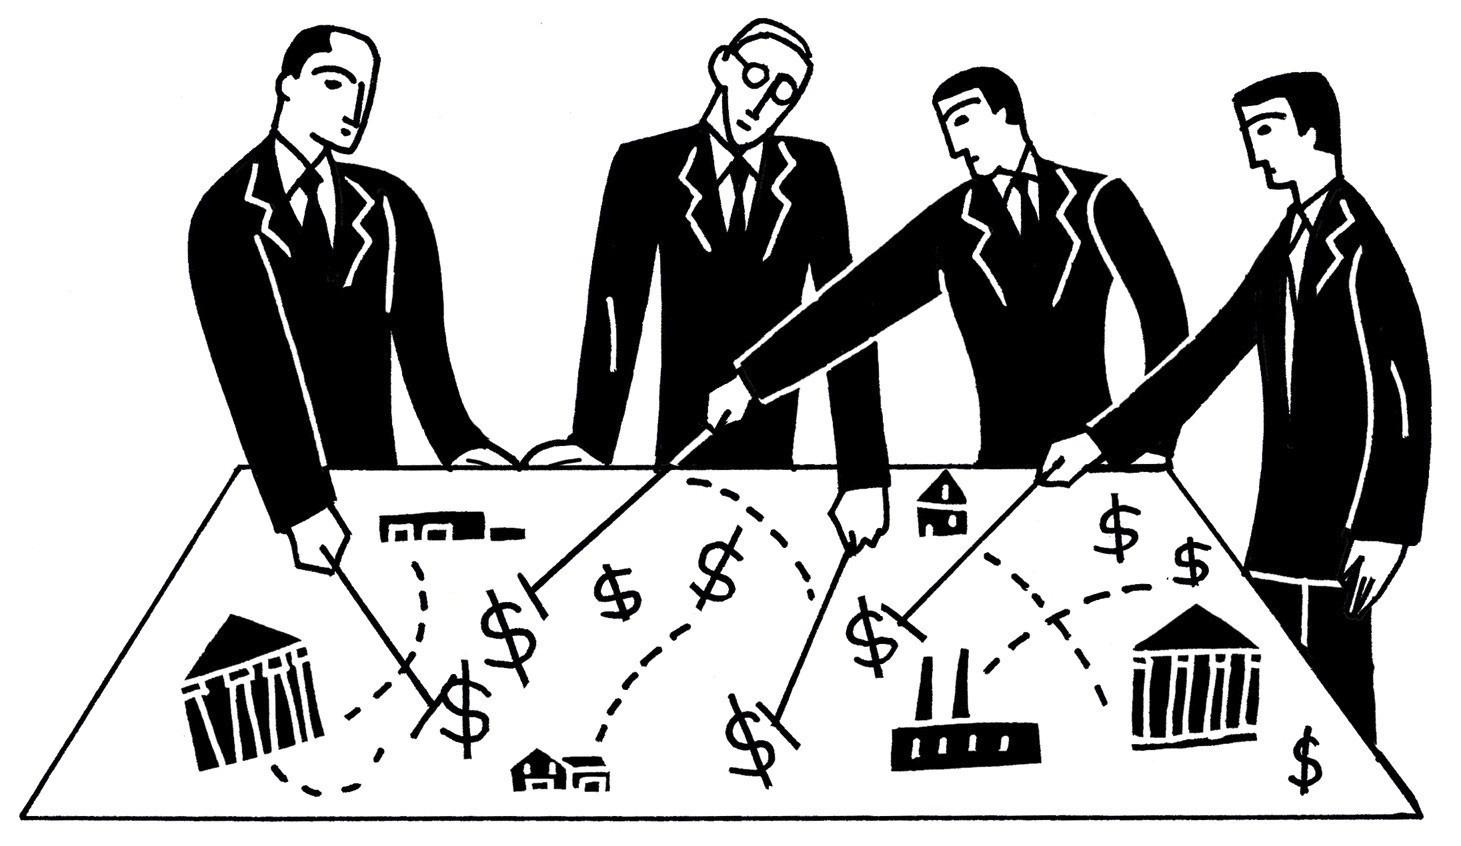 Những chuyên gia cho rằng Suy thoái kinh tế sẽ không xảy ra lập luận thế nào? - Ảnh 1.